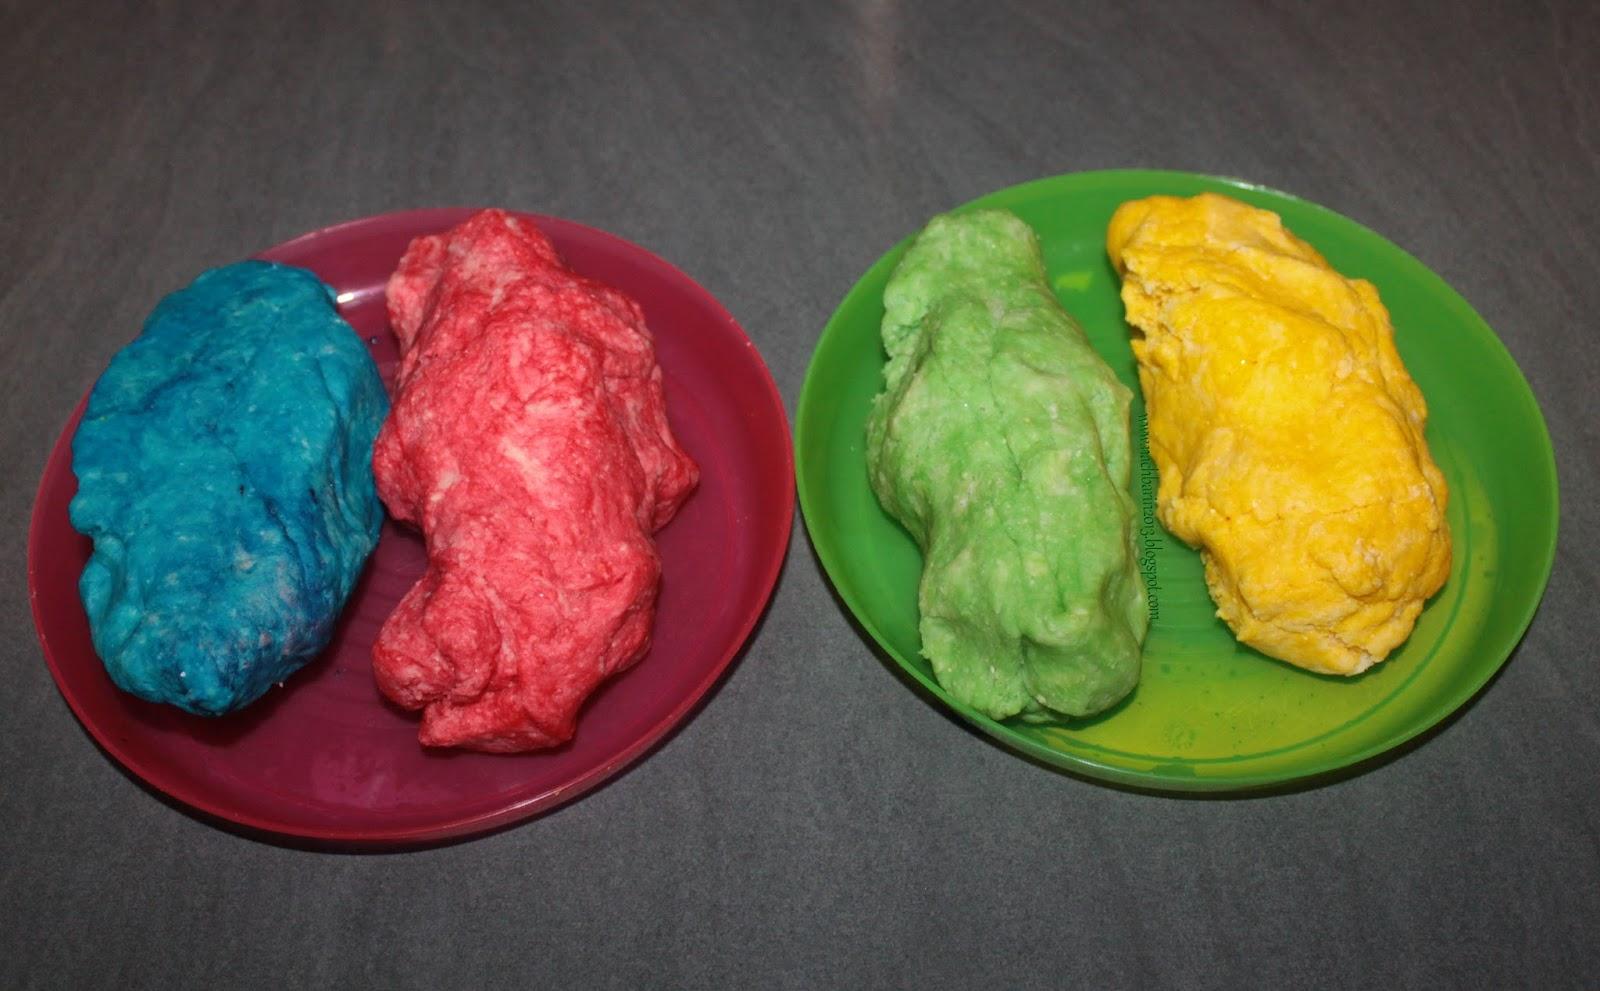 Wunderbar Knete Rezept Ideen Von Die Richtige Farbbrillianz Kommt Erst Nach Dem